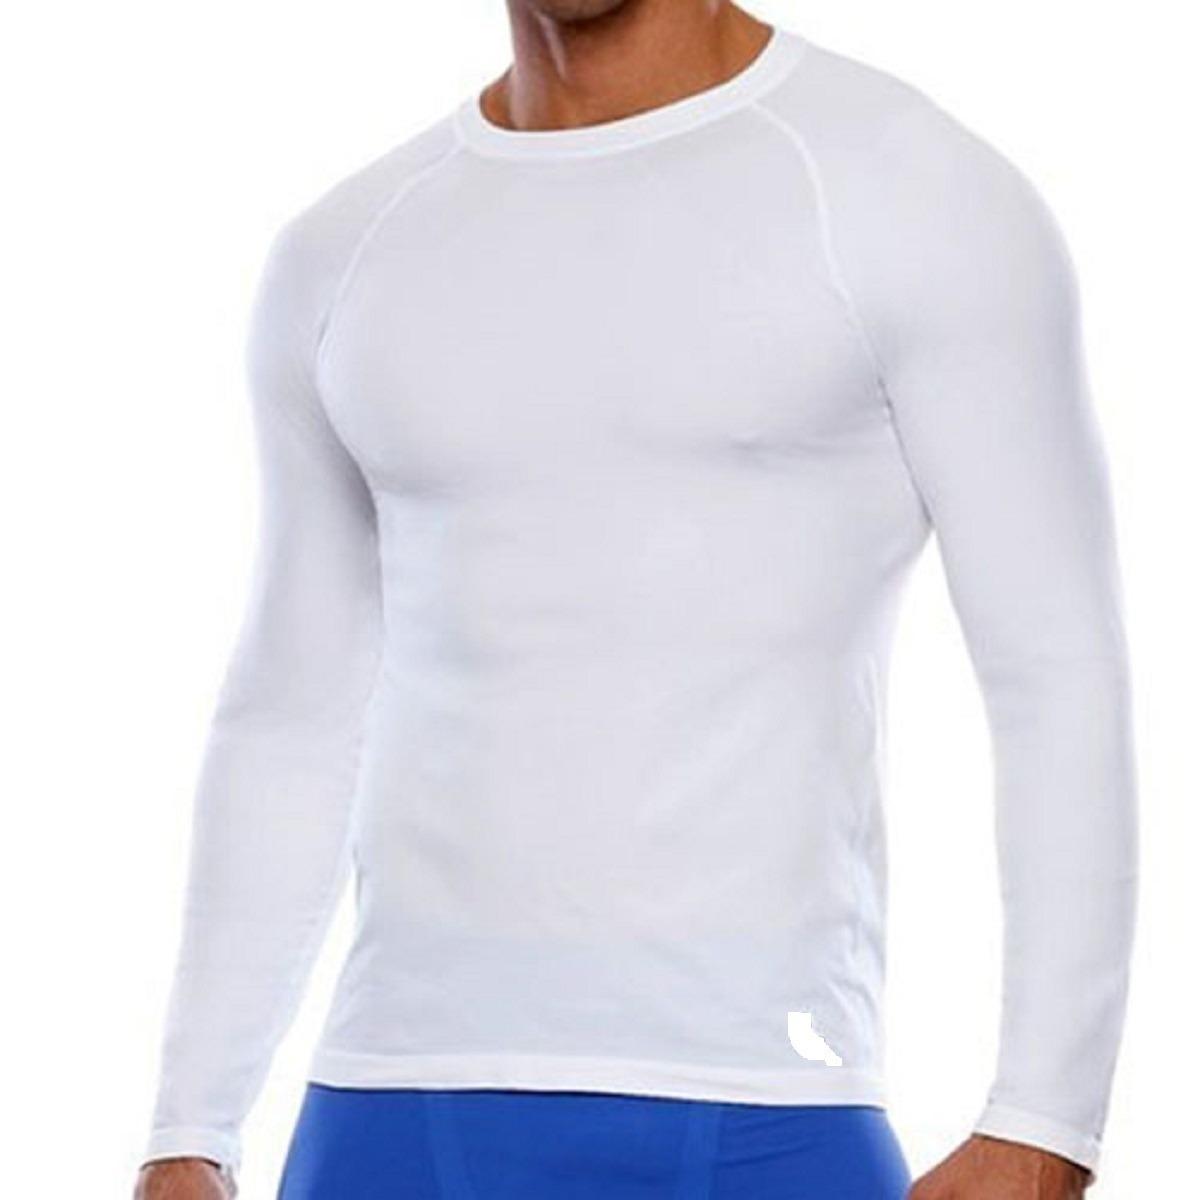 camisa térmica segunda pele lance esporte frio moderado. Carregando zoom. b062e3e6f8a0f